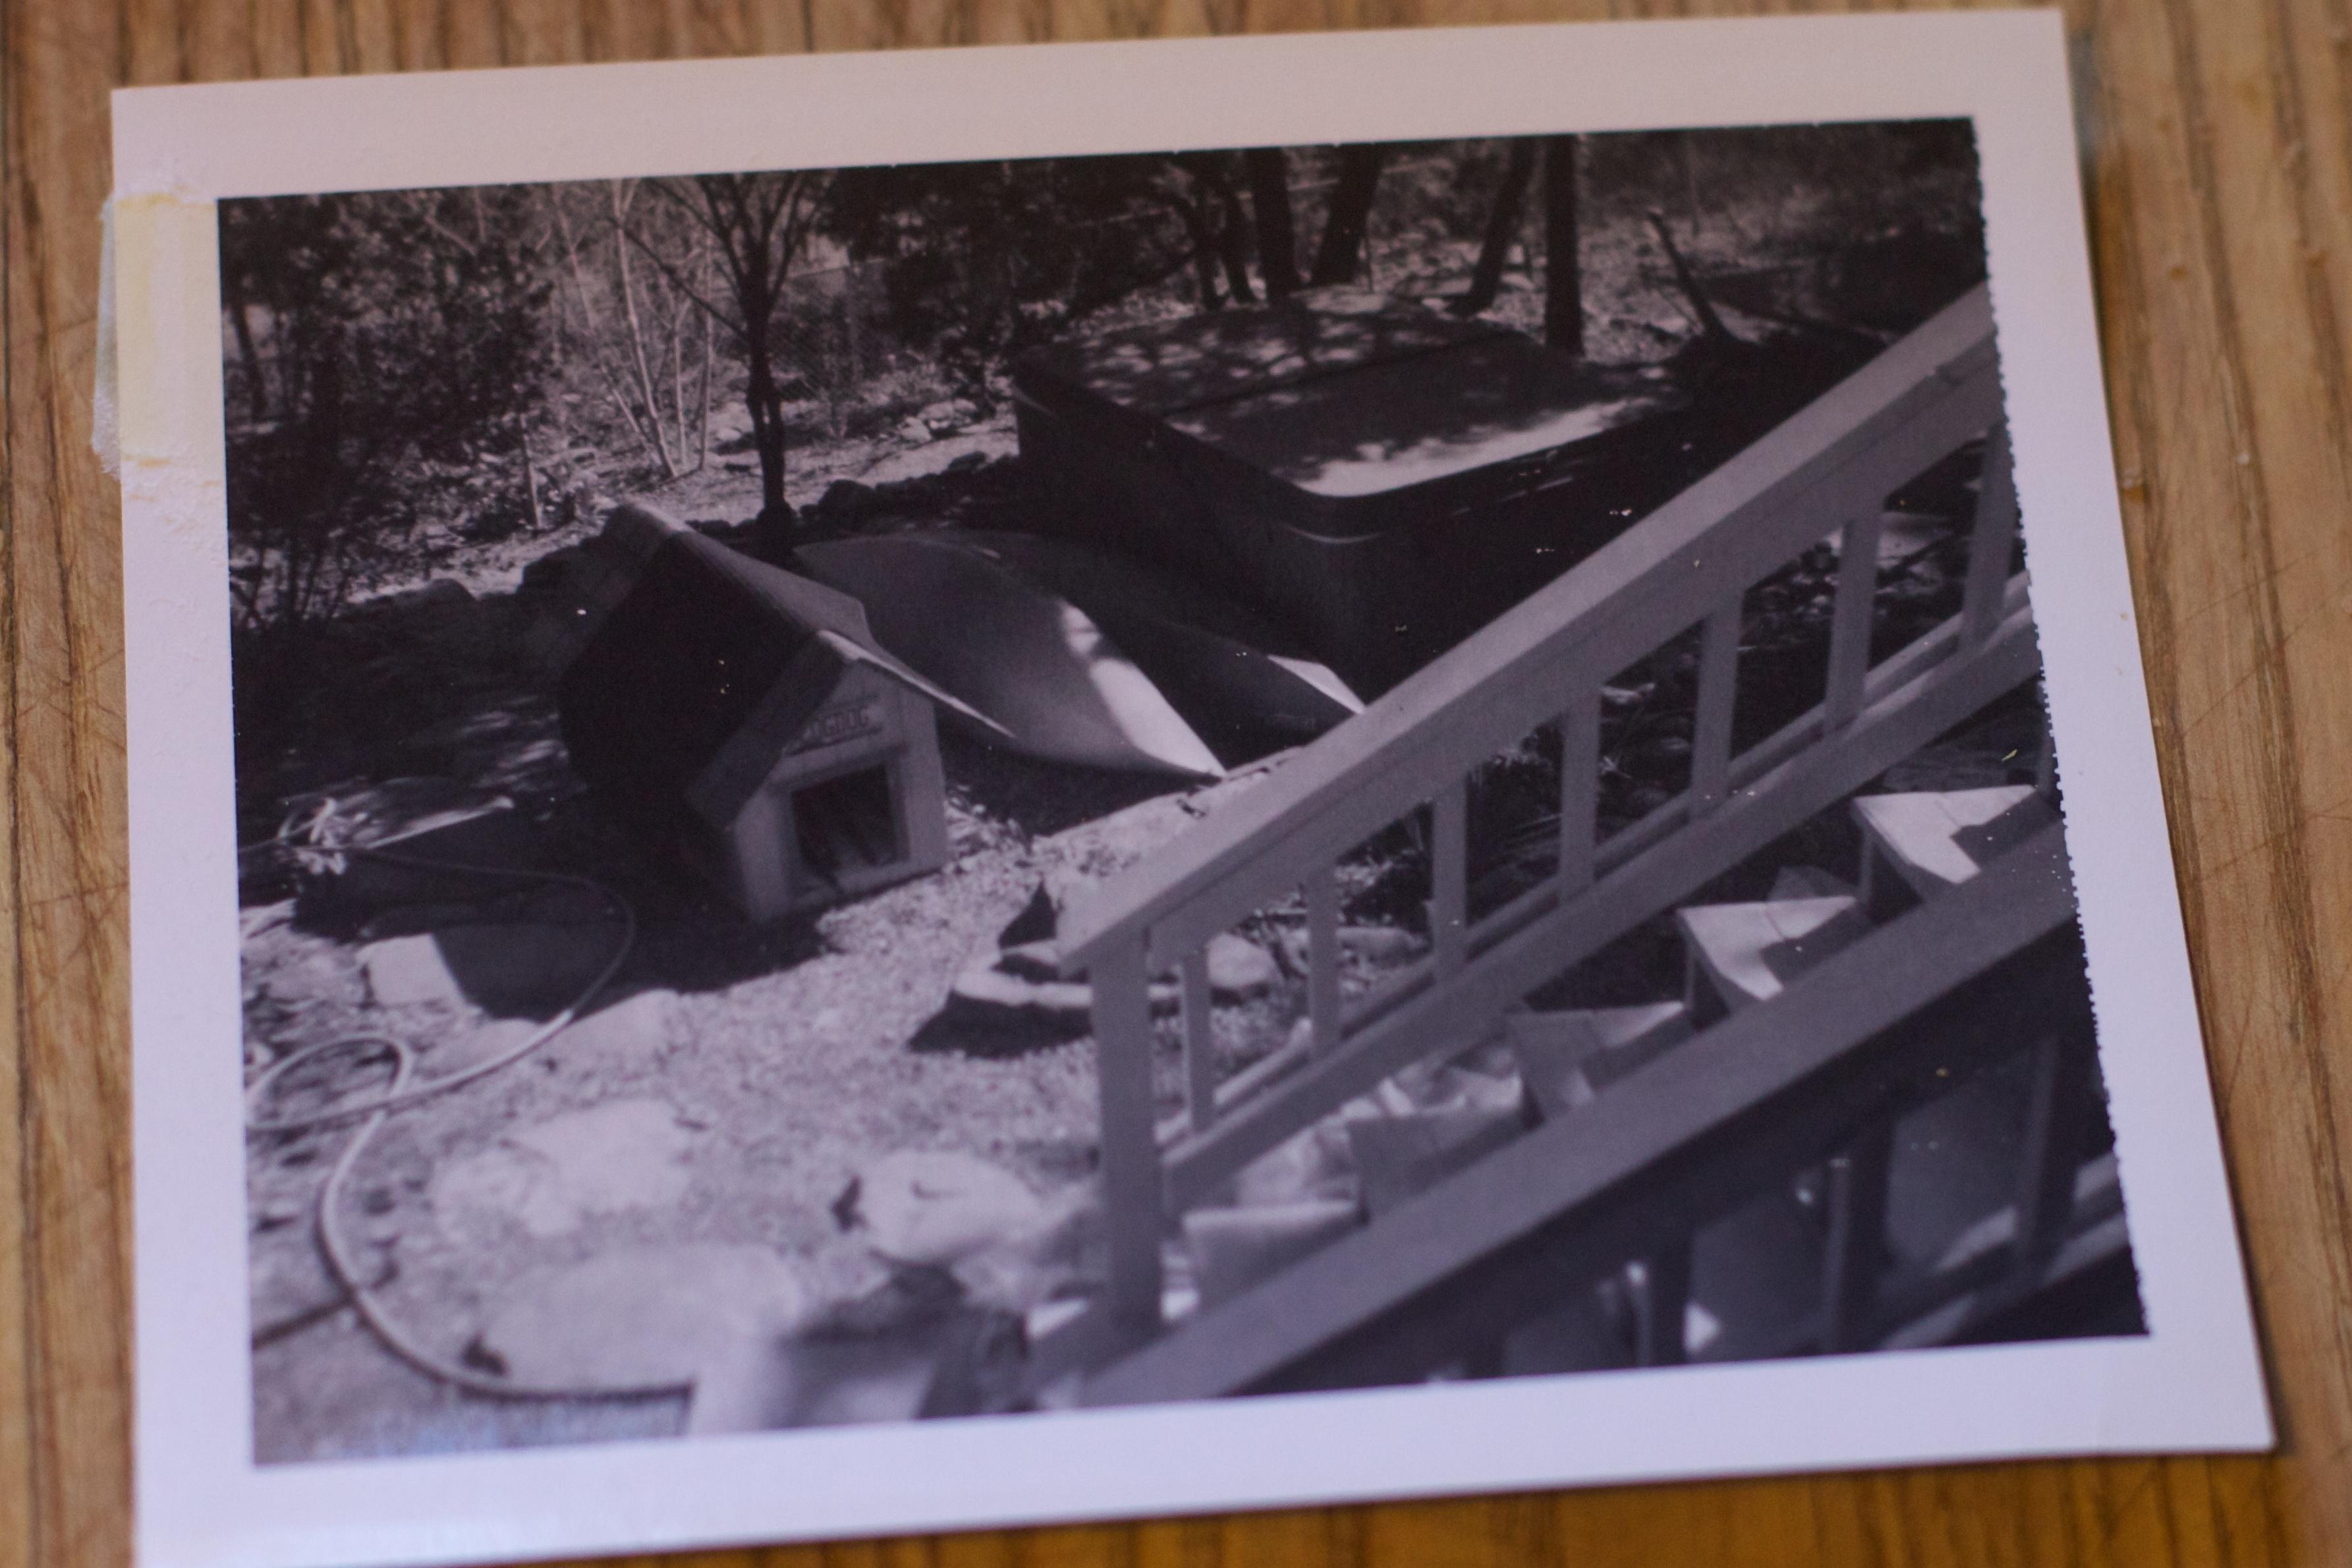 Kostenlose foto : Holz, Fenster, Polaroid, Kunst, Zeichnung, Entwurf ...